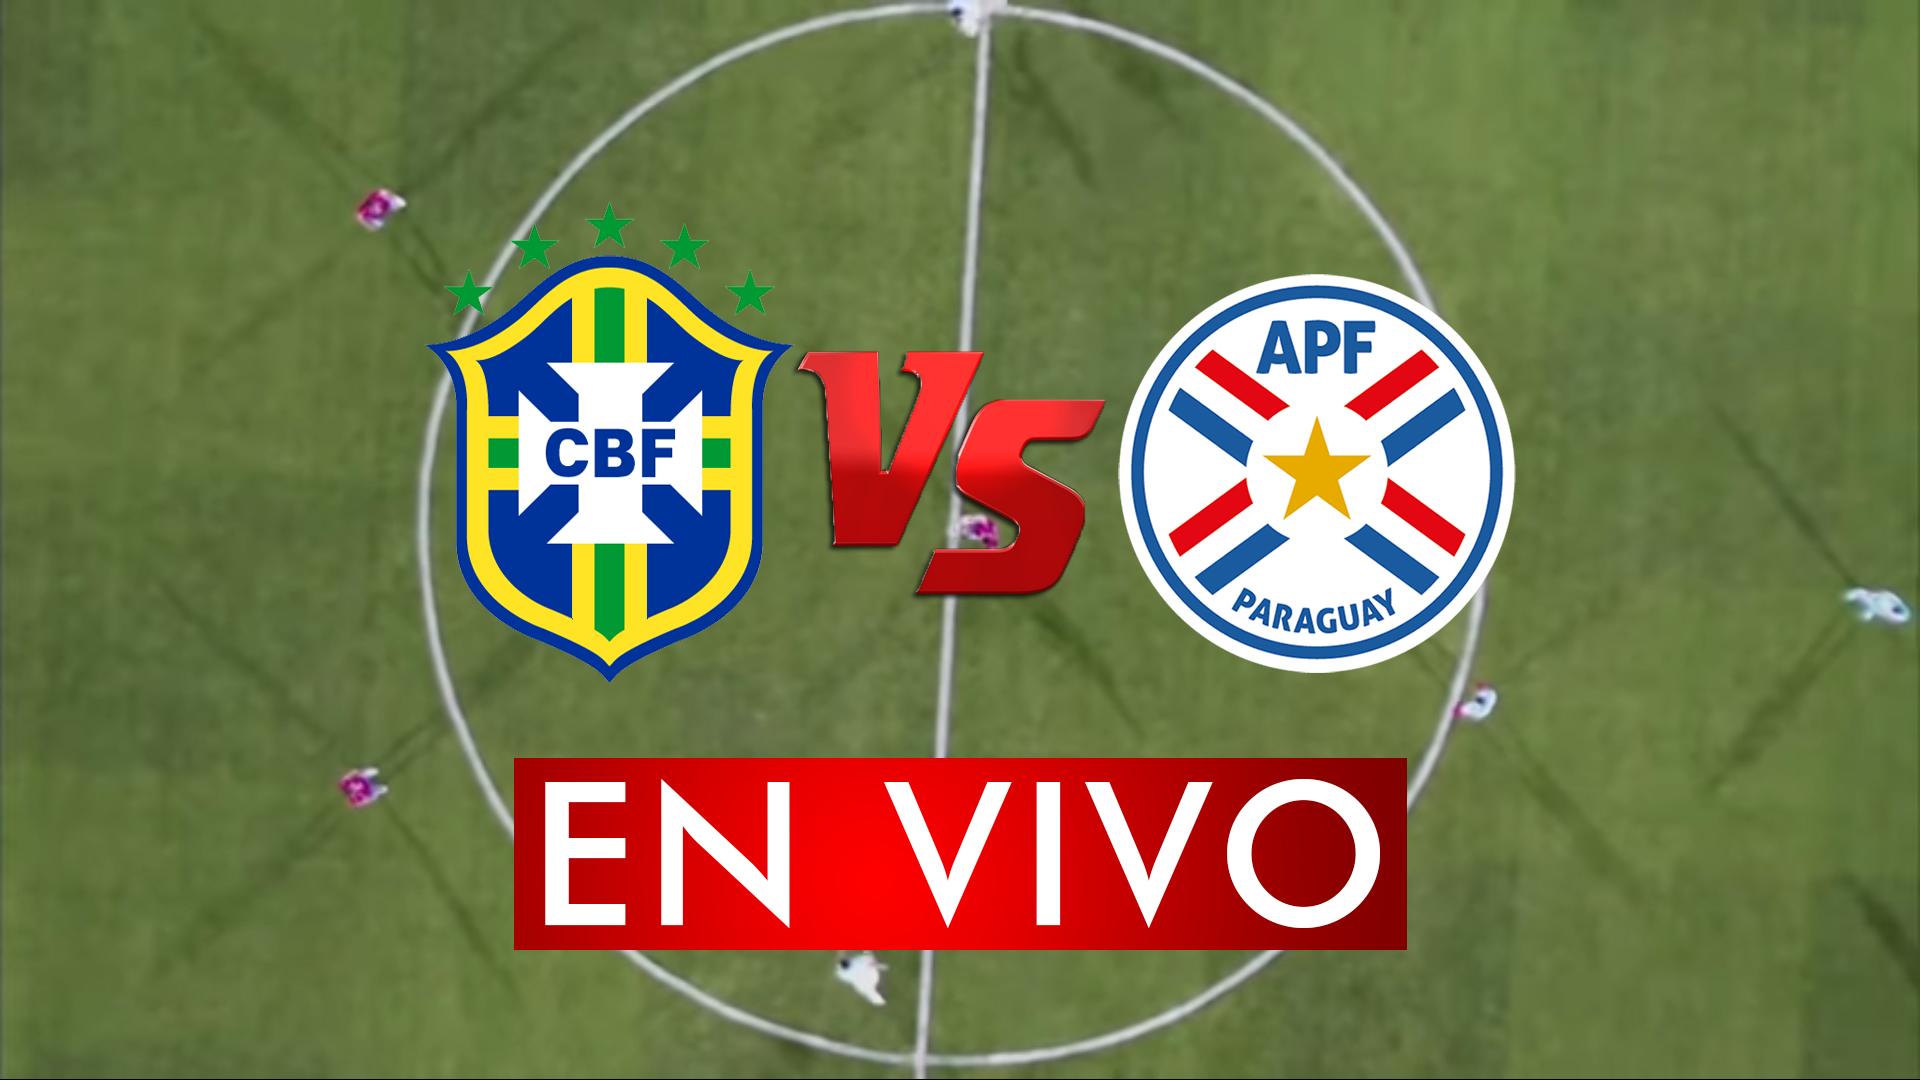 Brasil vs Paraguay En Vivo Online Live Streaming Preolimpico